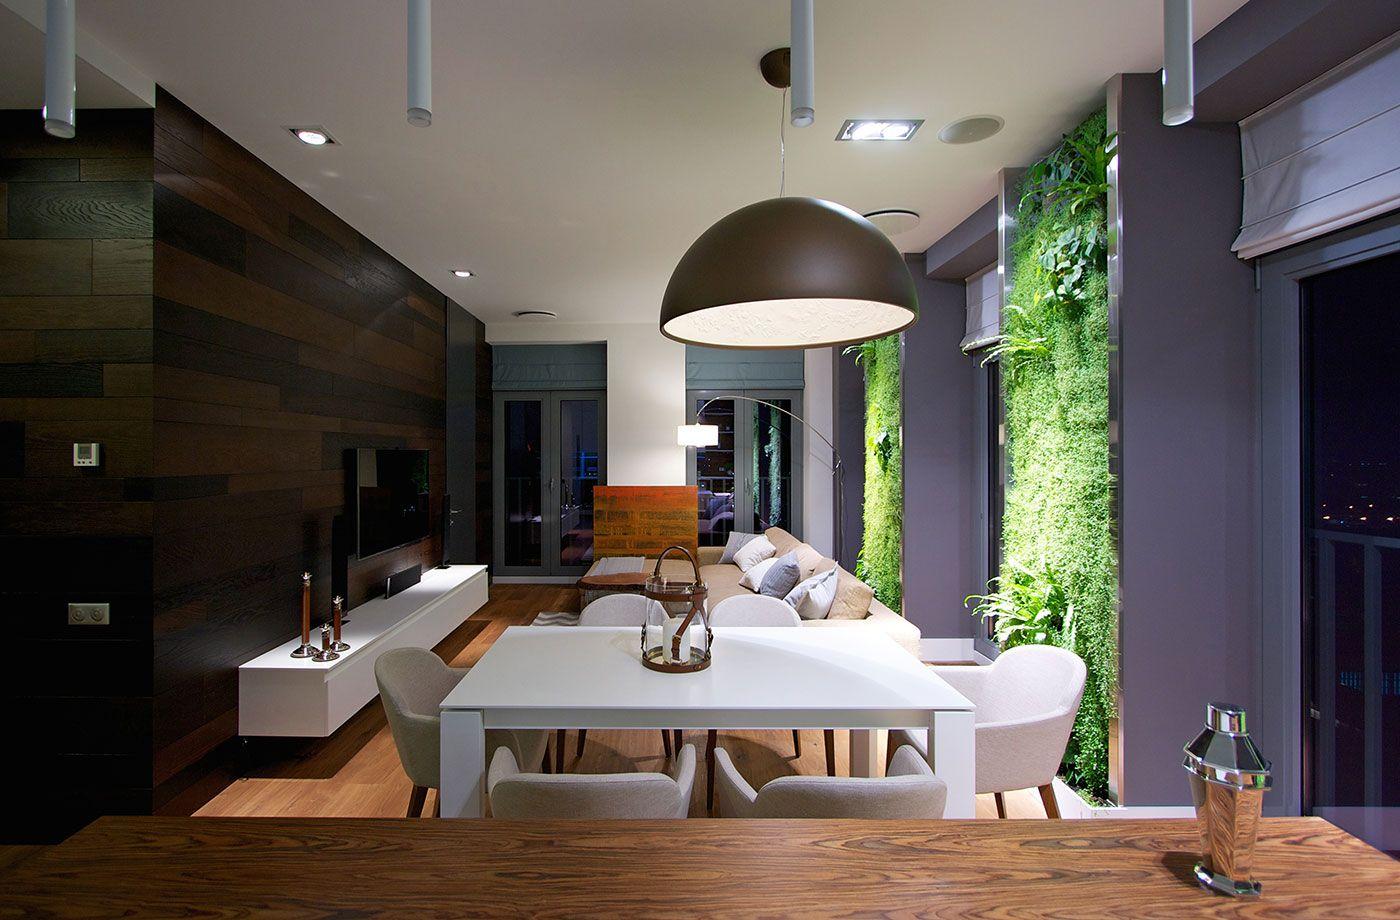 apartamento moderno de la cocina en la noche | Home | Pinterest ...